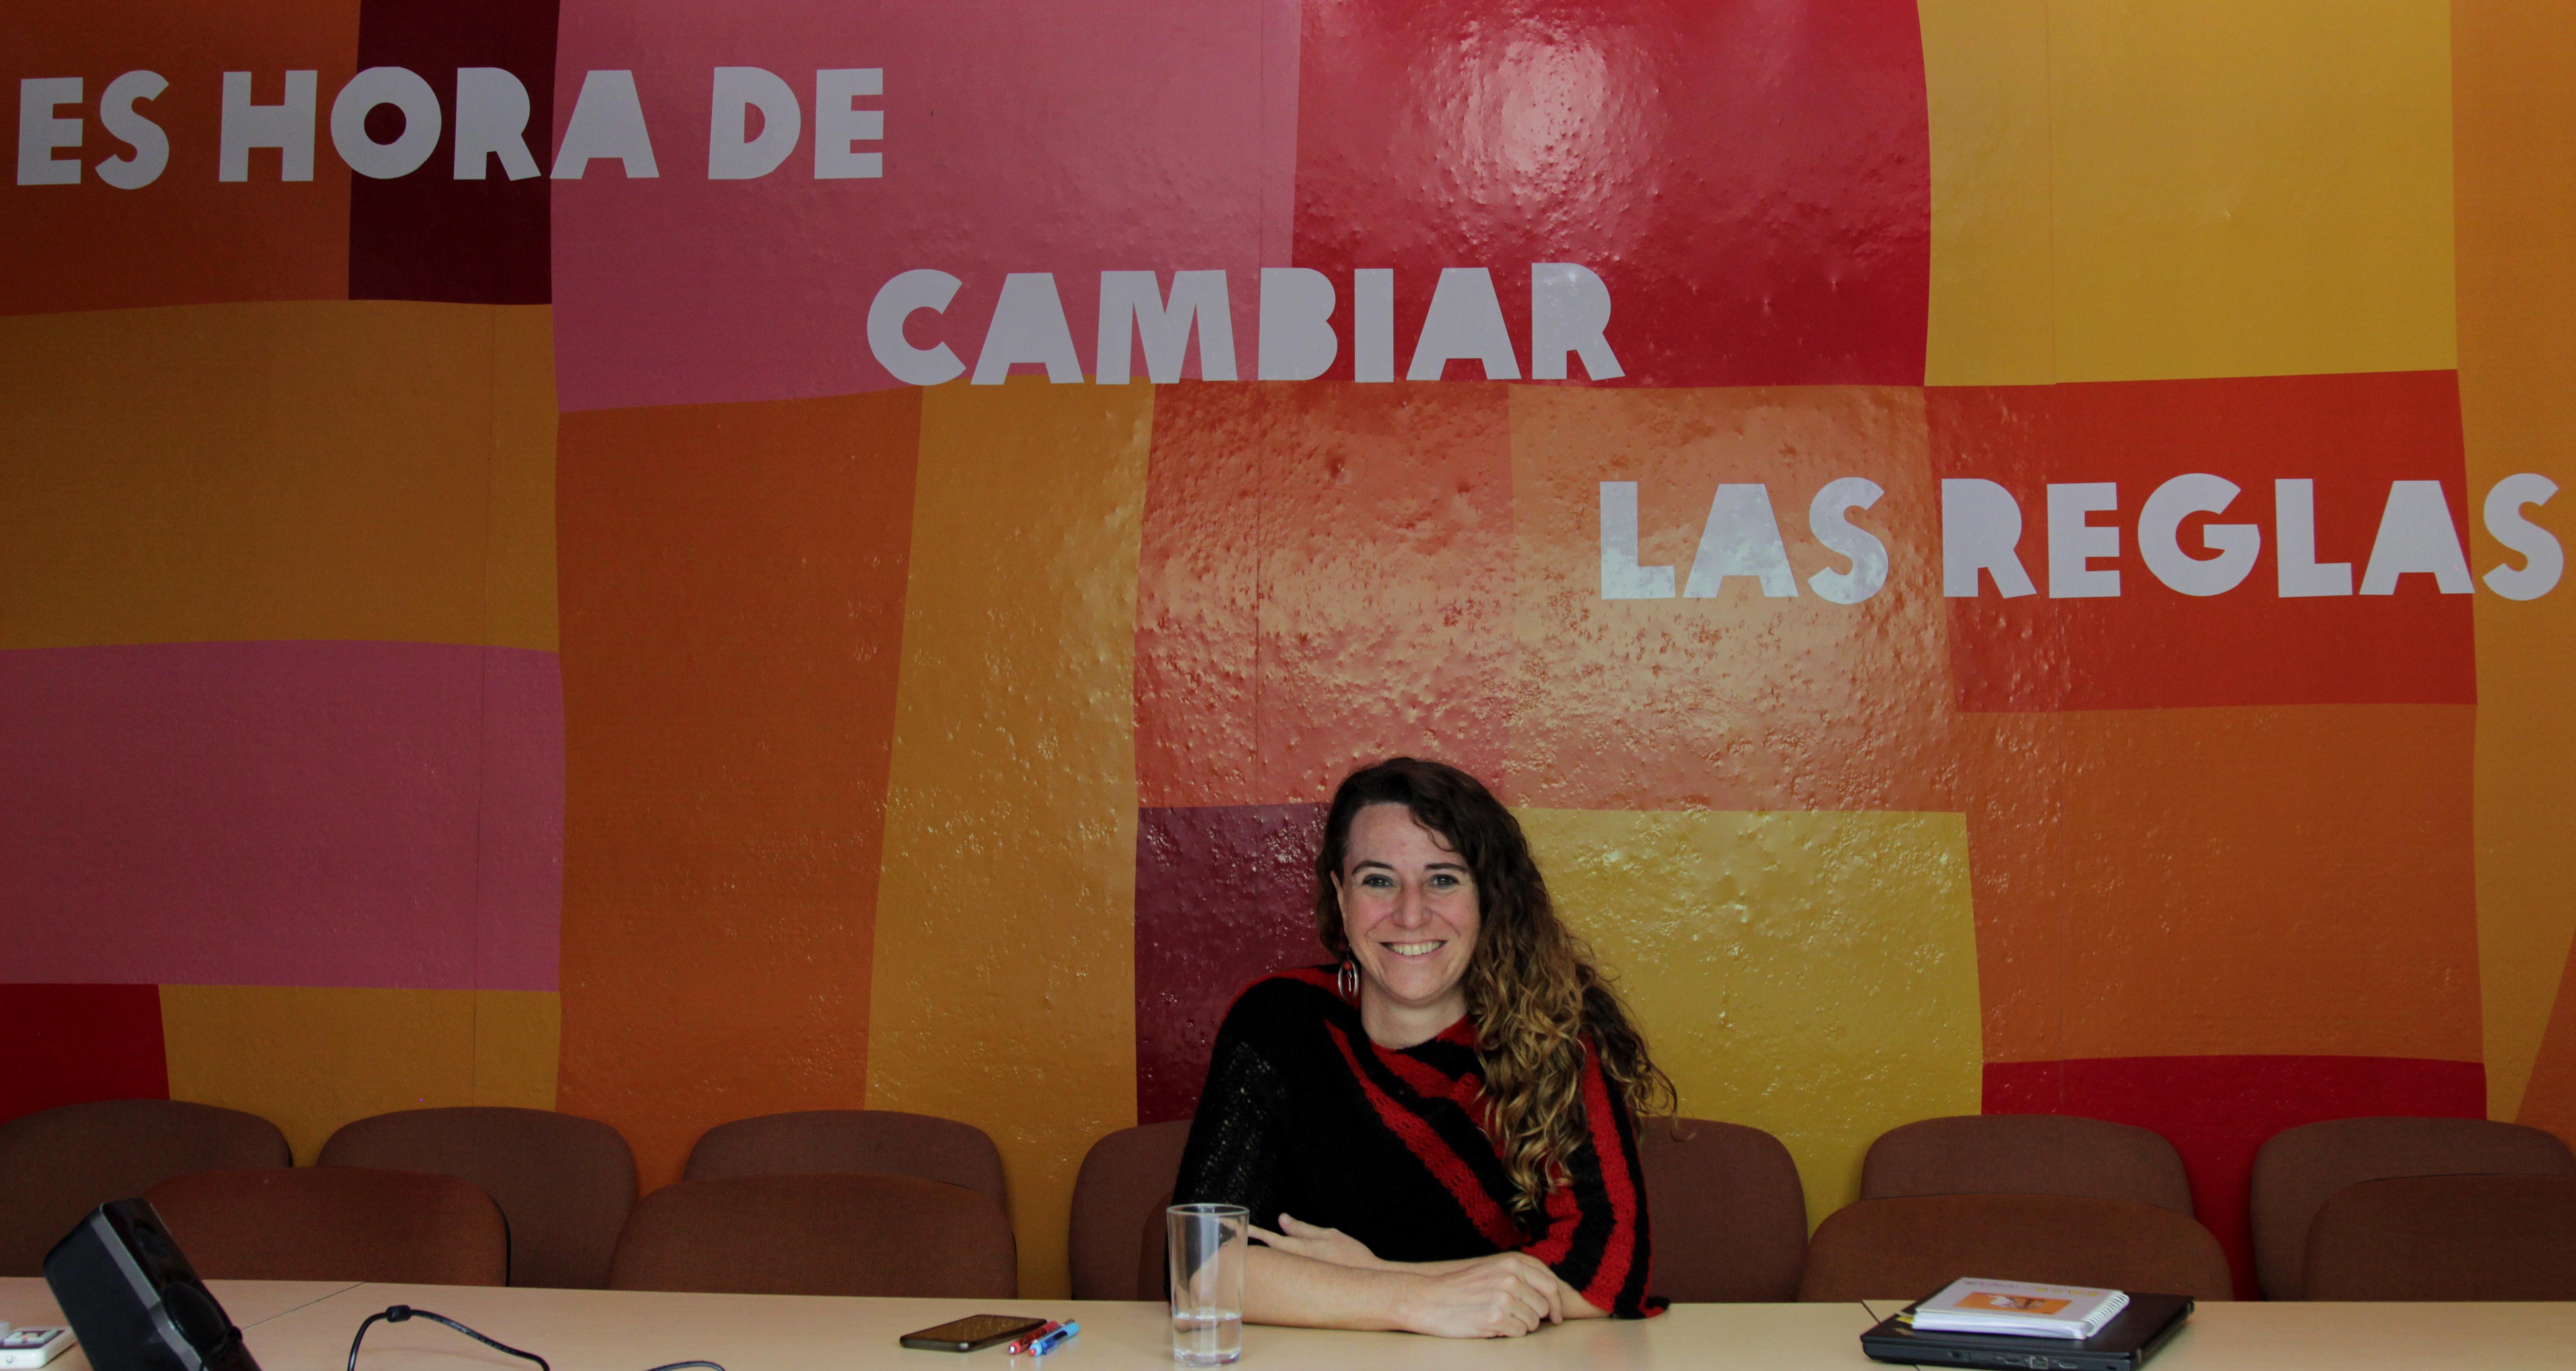 Rosa Cañete, coordinadora regional del Programa de Lucha contra la Desigualdad y la Captura del Estado, de Oxfam.